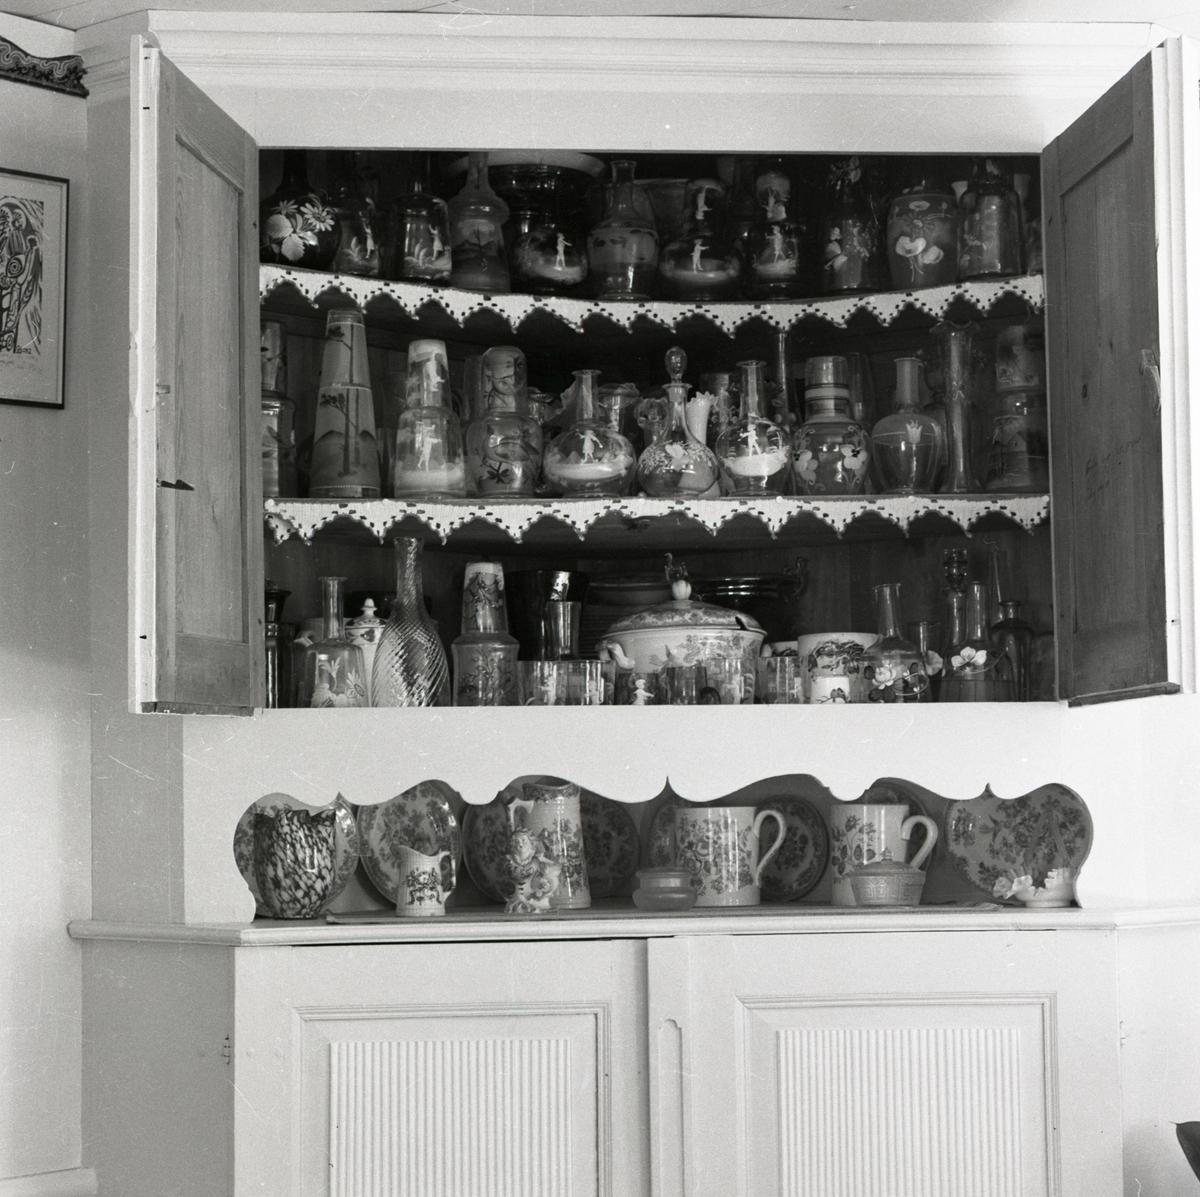 Ett hörnskåp fyllt med glasföremål vid gården Sunnanåker, 1973.